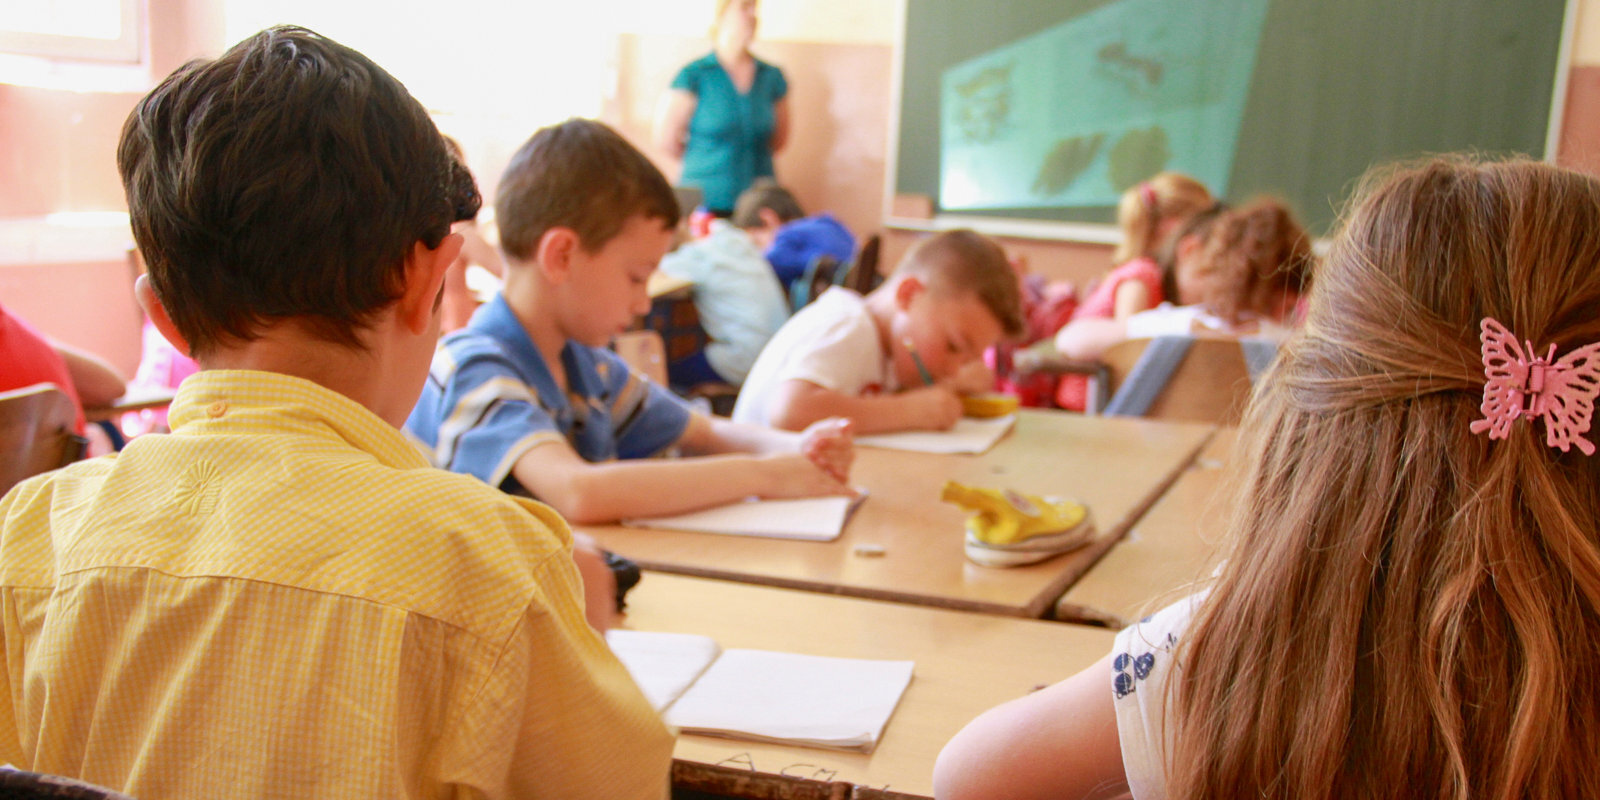 Jaunais mācību gads skolotājiem: vairāk darba un lielāks stress